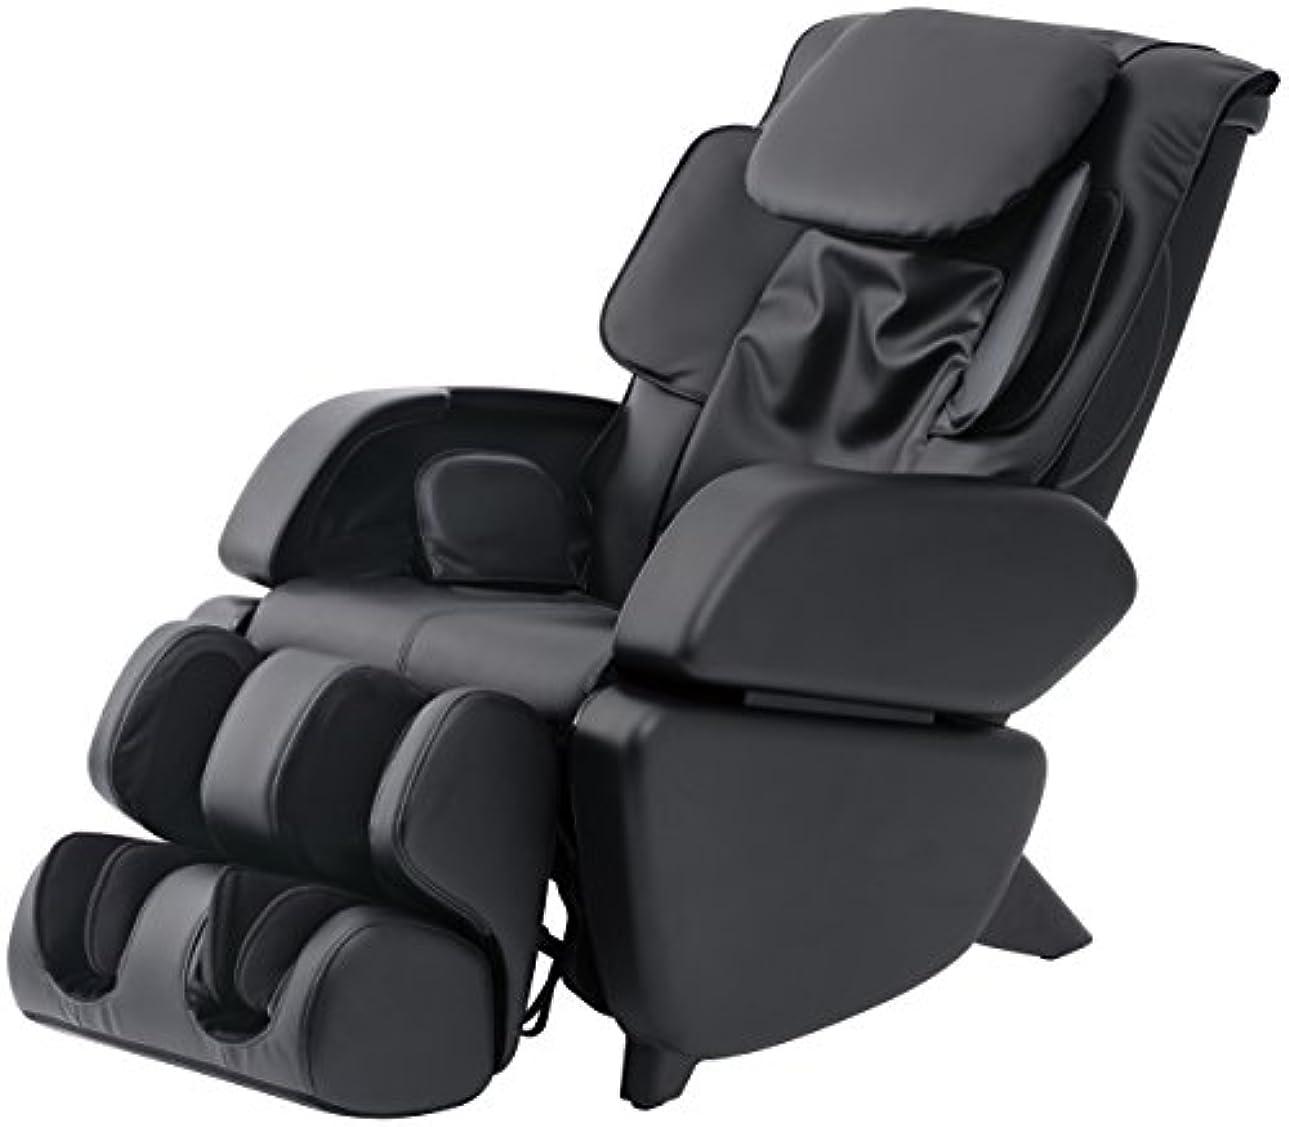 ひらめき違法モスクスライヴ マッサージチェア くつろぎ指定席 「つかみもみ機能搭載」 ブラック CHD-9006(K)